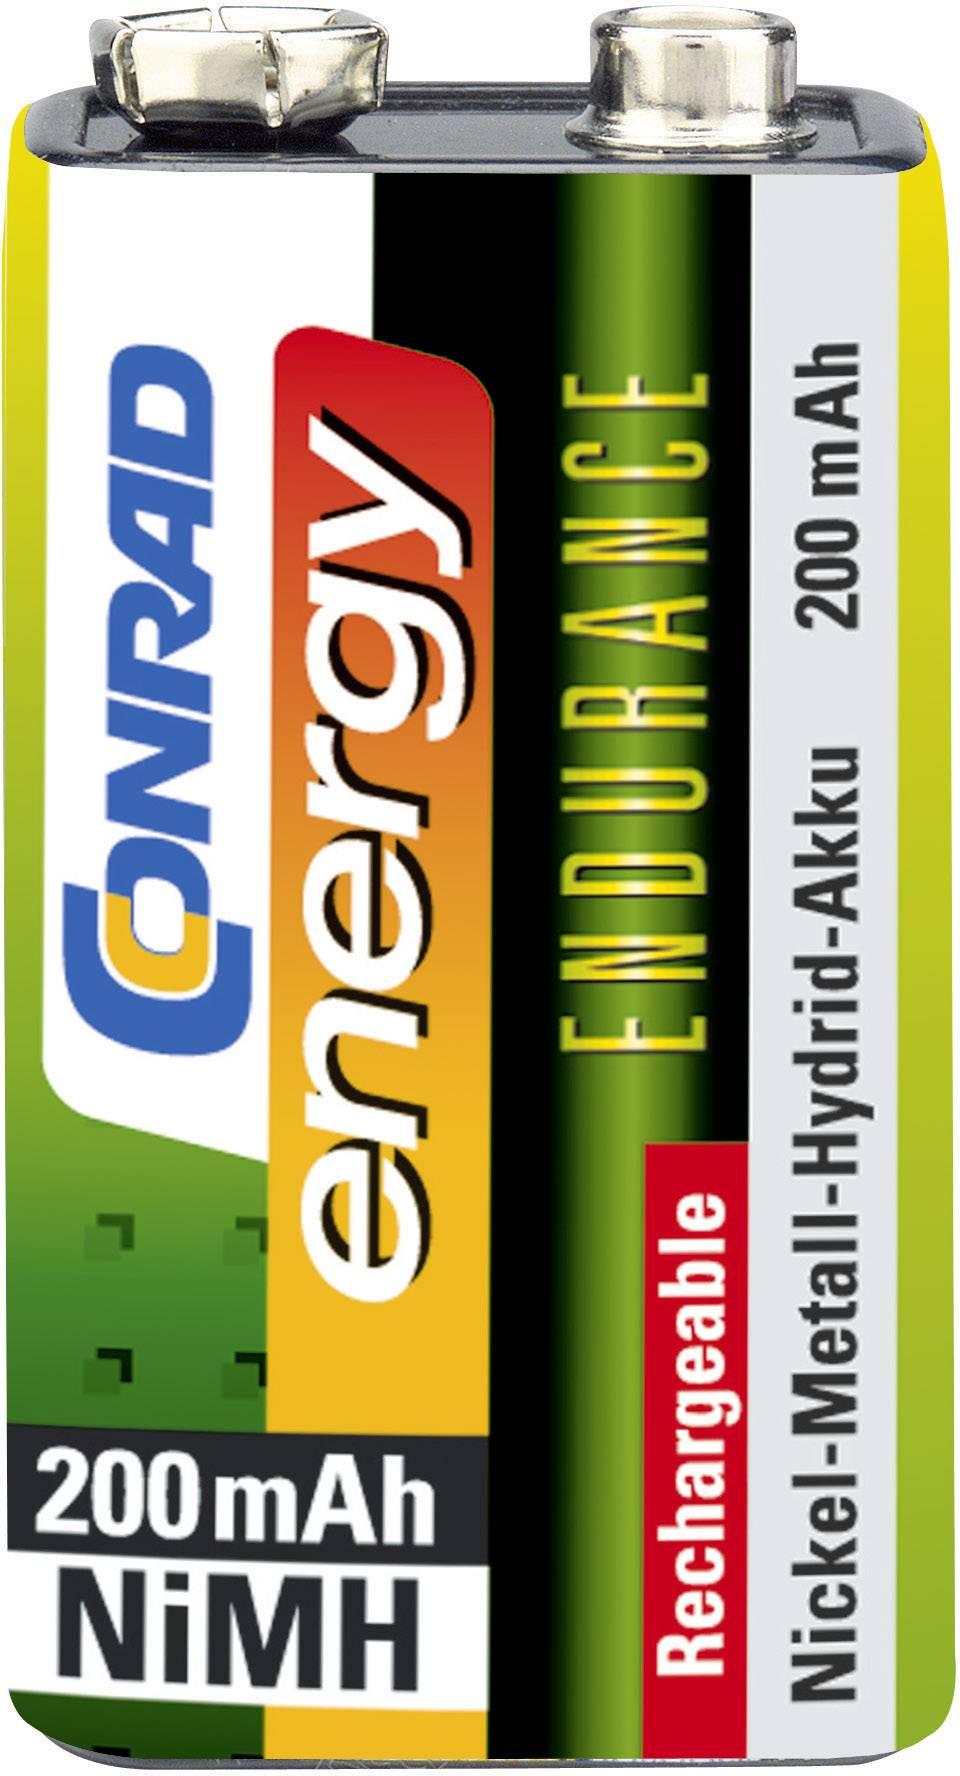 Conrad energy Endurance 9V 200 mAh NiMh